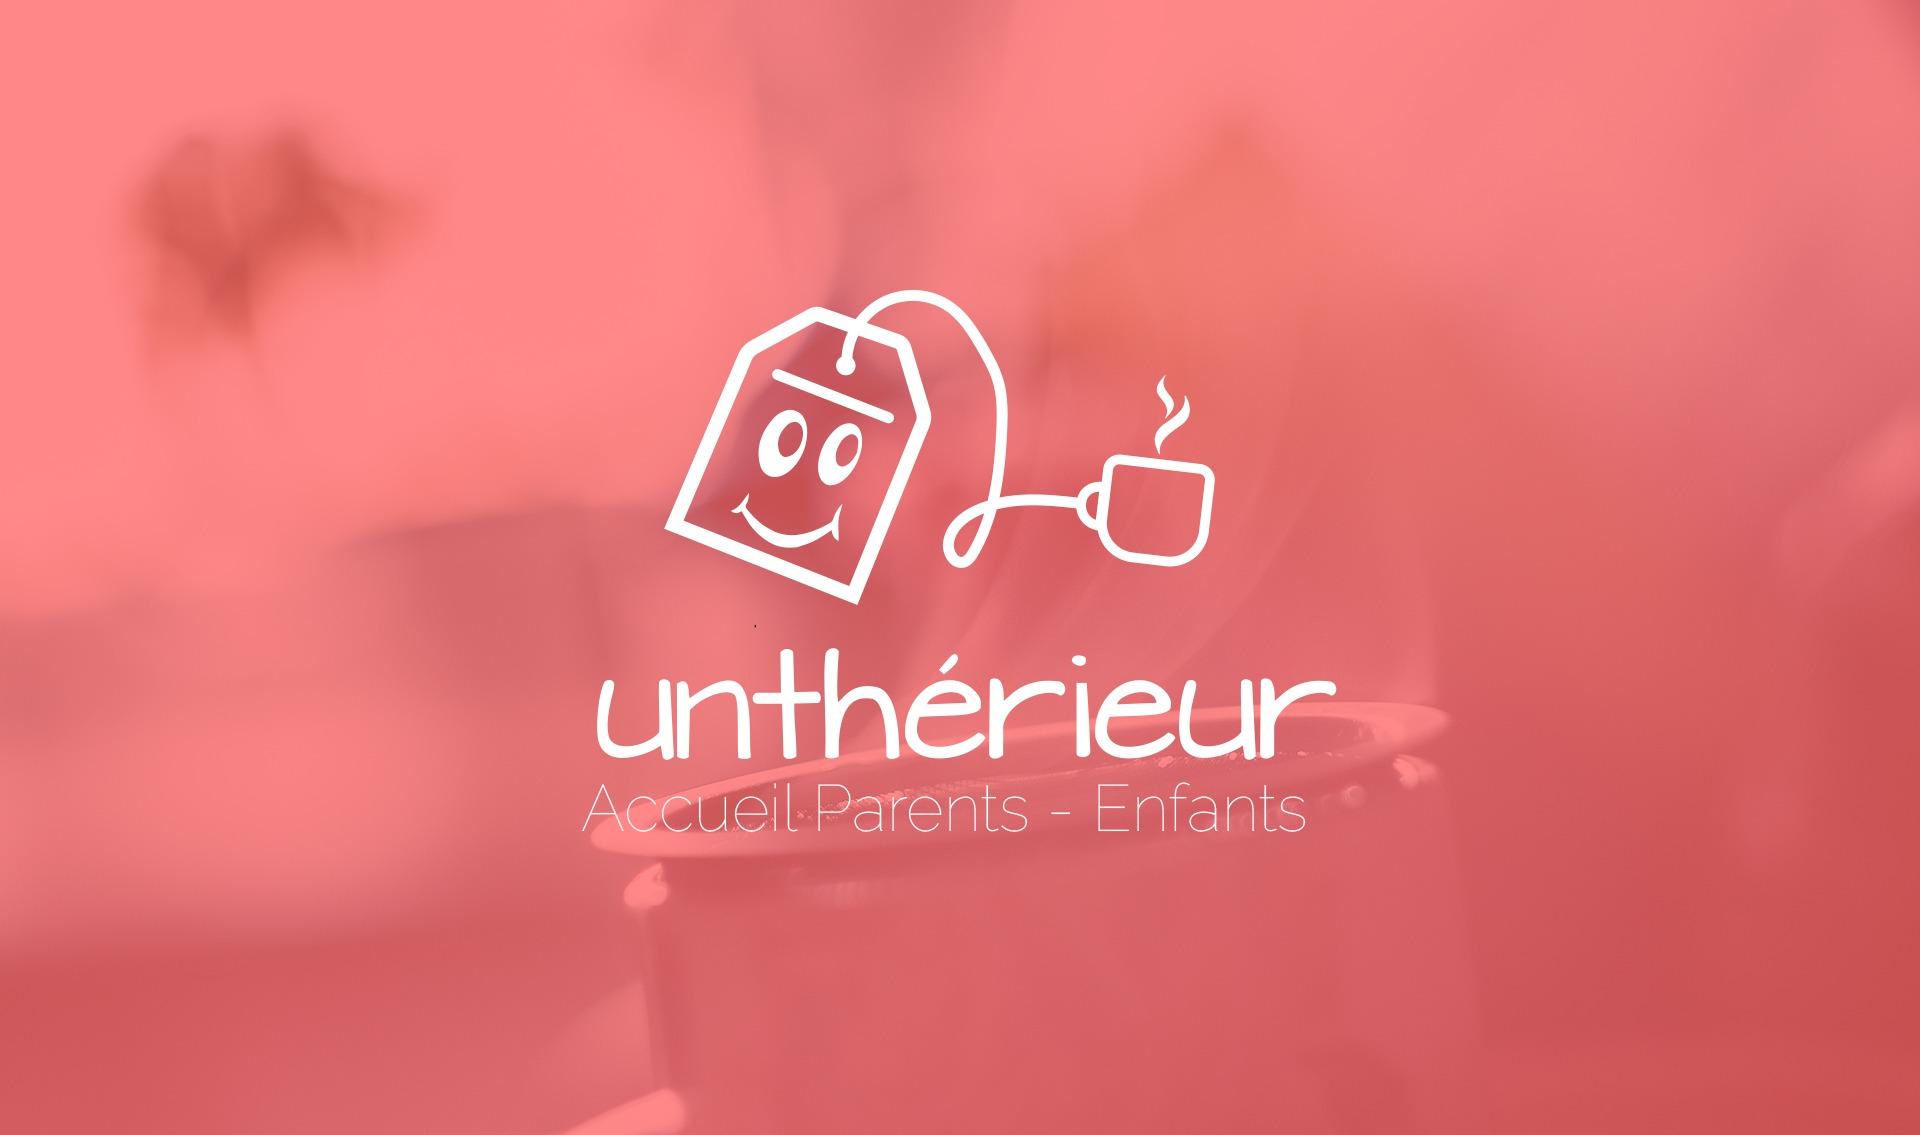 association untherieur BigOrNot Collectif de Freelance Site internet - Design - Site e-commerce